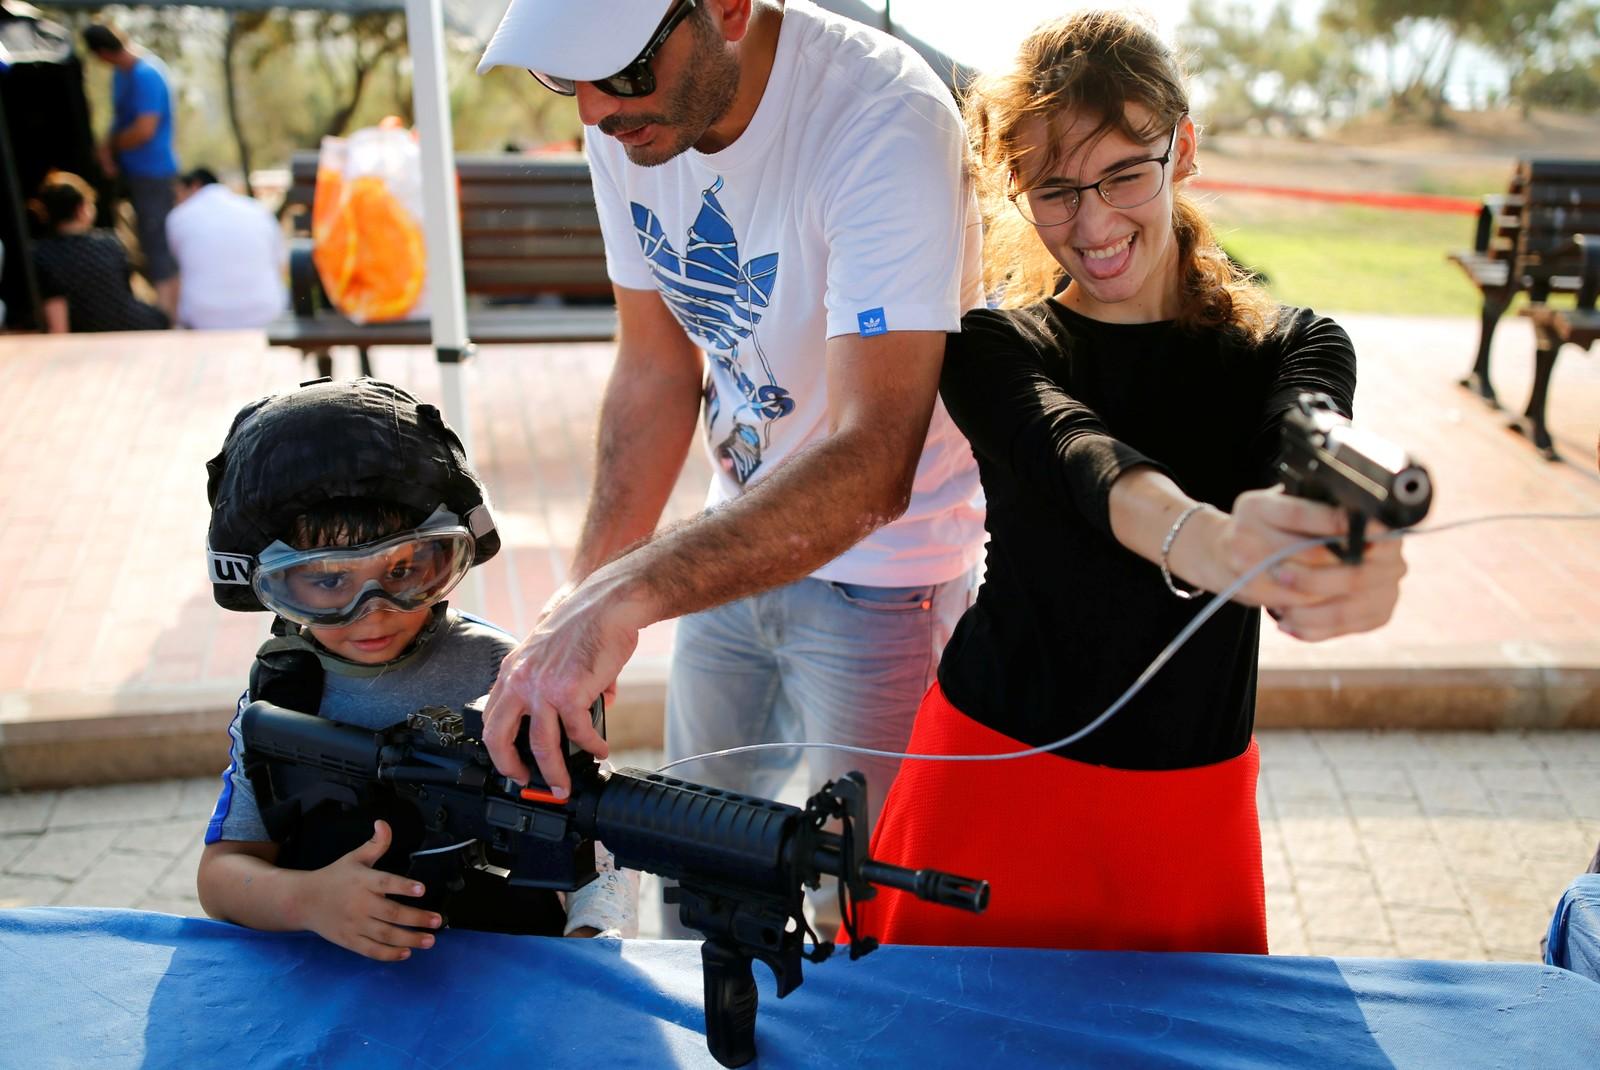 """Både voksne og barn fikk lov til å leke med våpen under politiets """"åpne dag"""" i Ashdod i Israel den 29. august."""